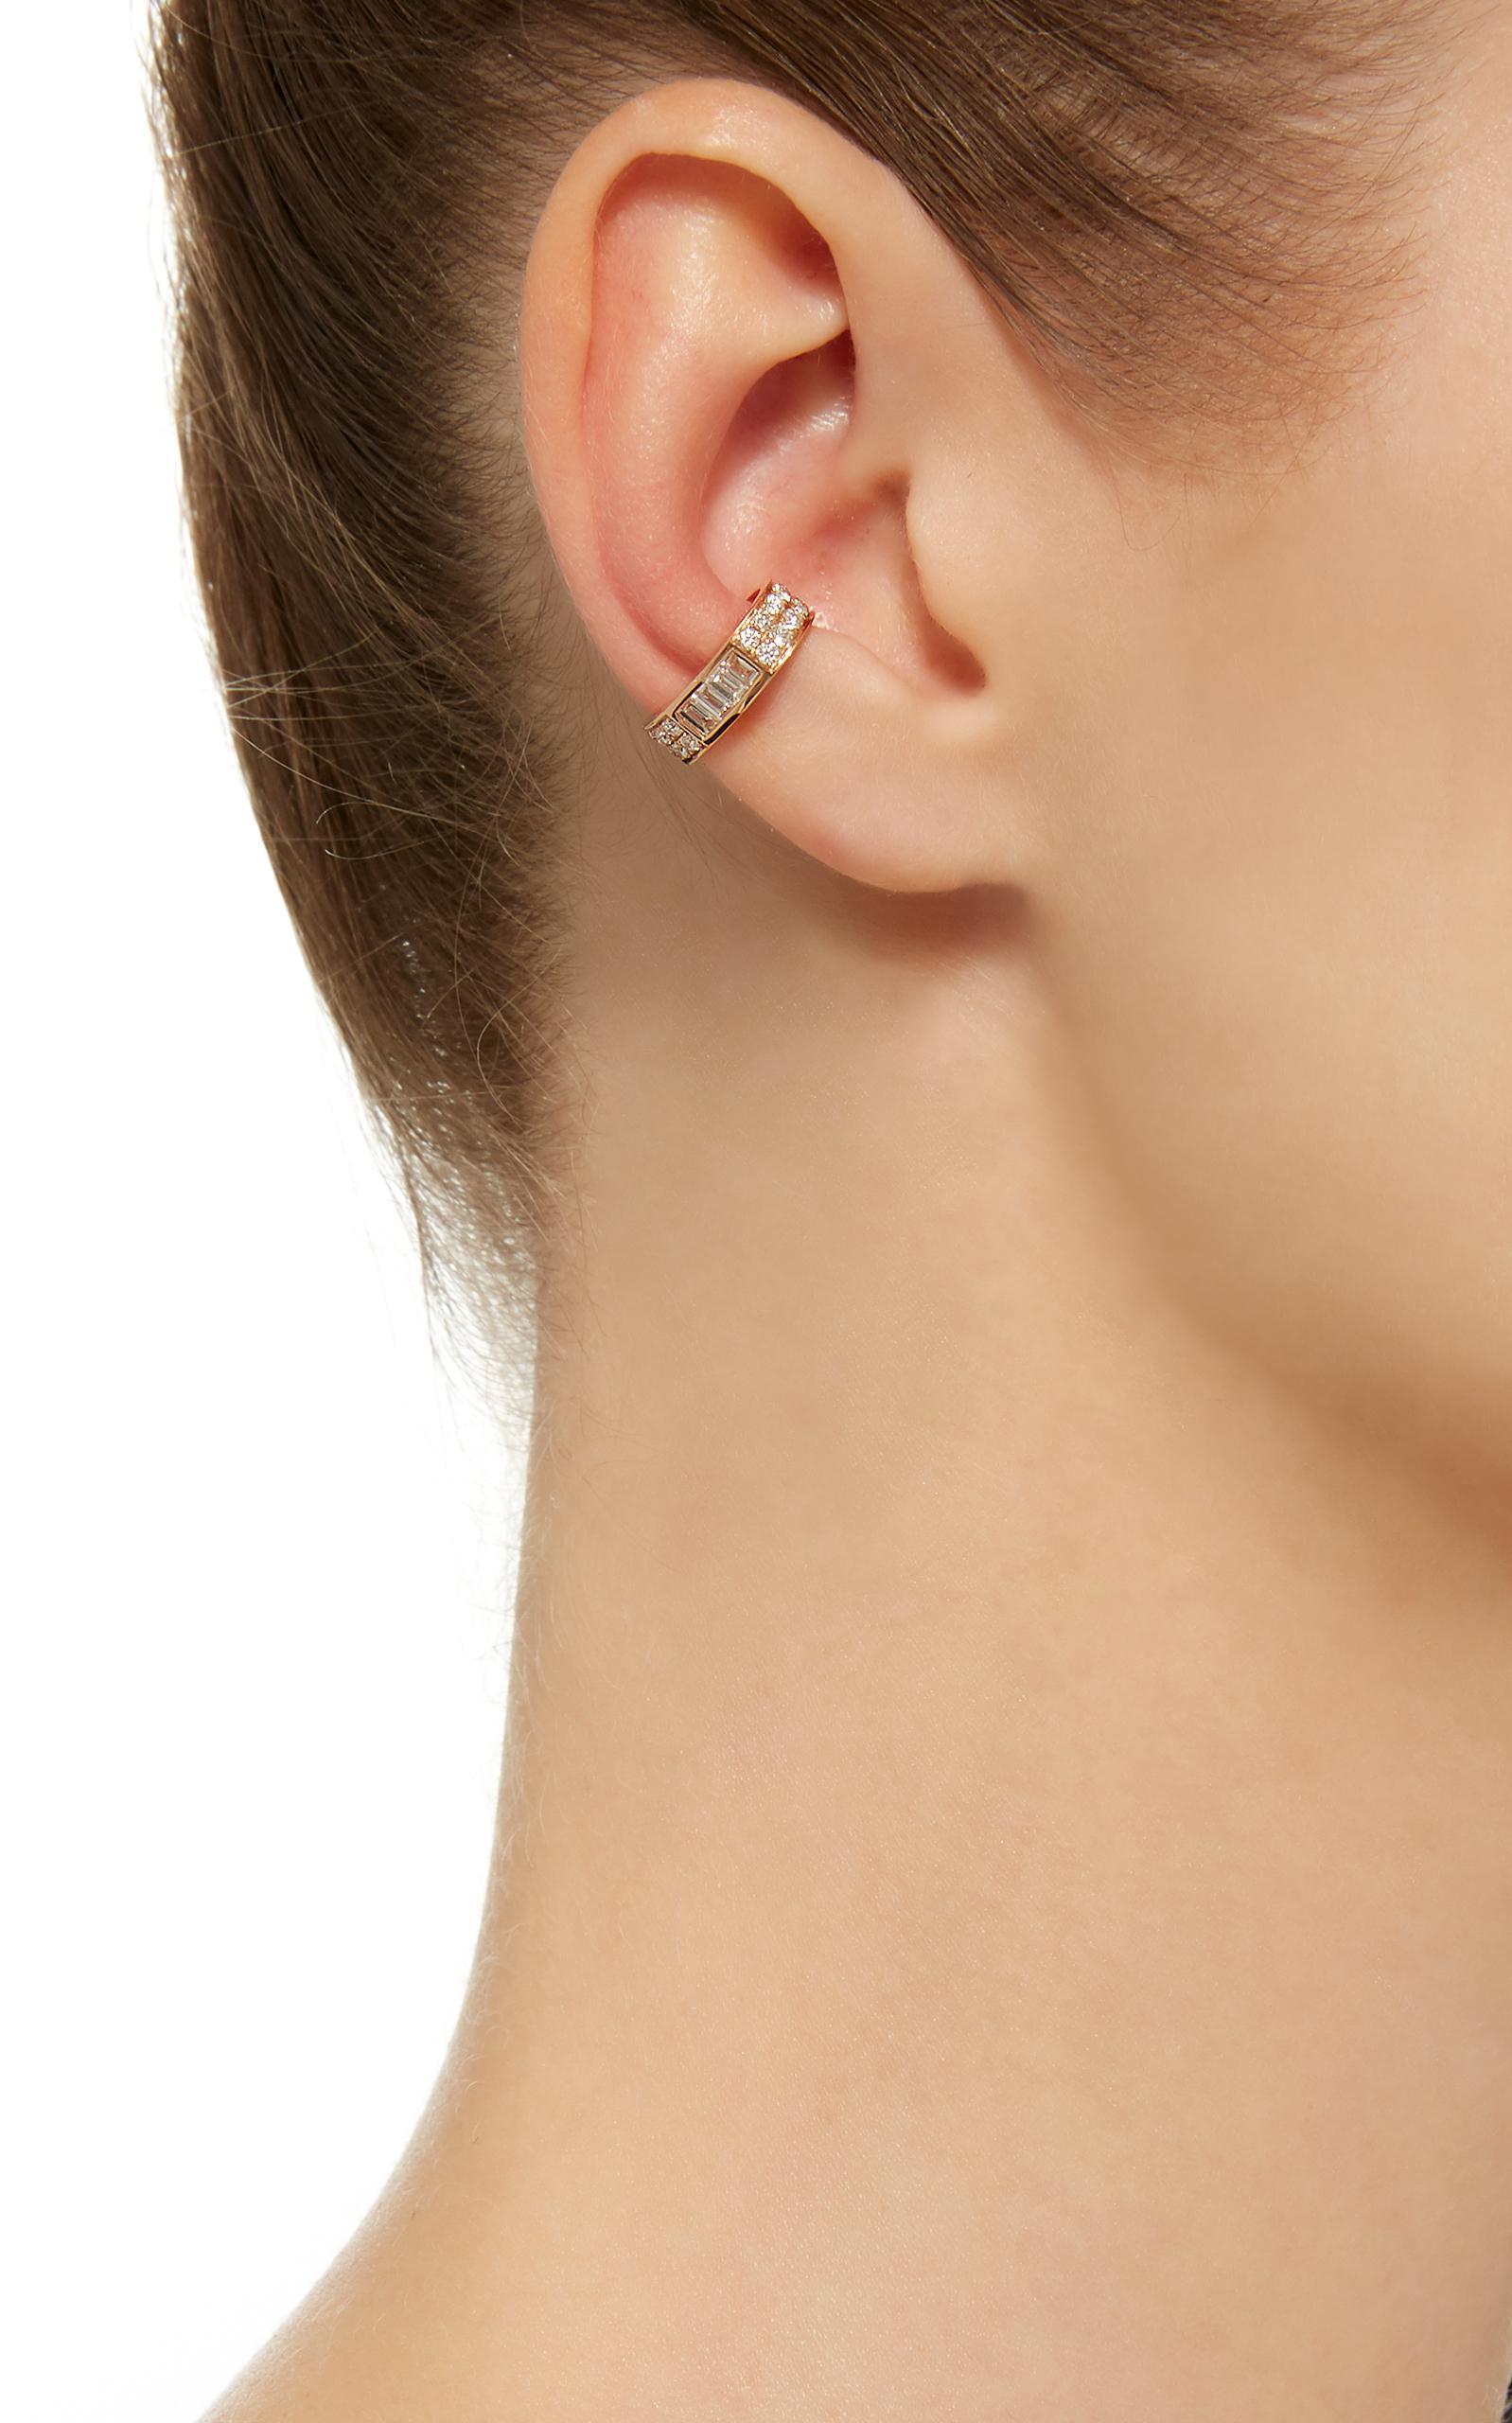 Anita Ko Single Baguette And Diamond Ear Cuff in Pink